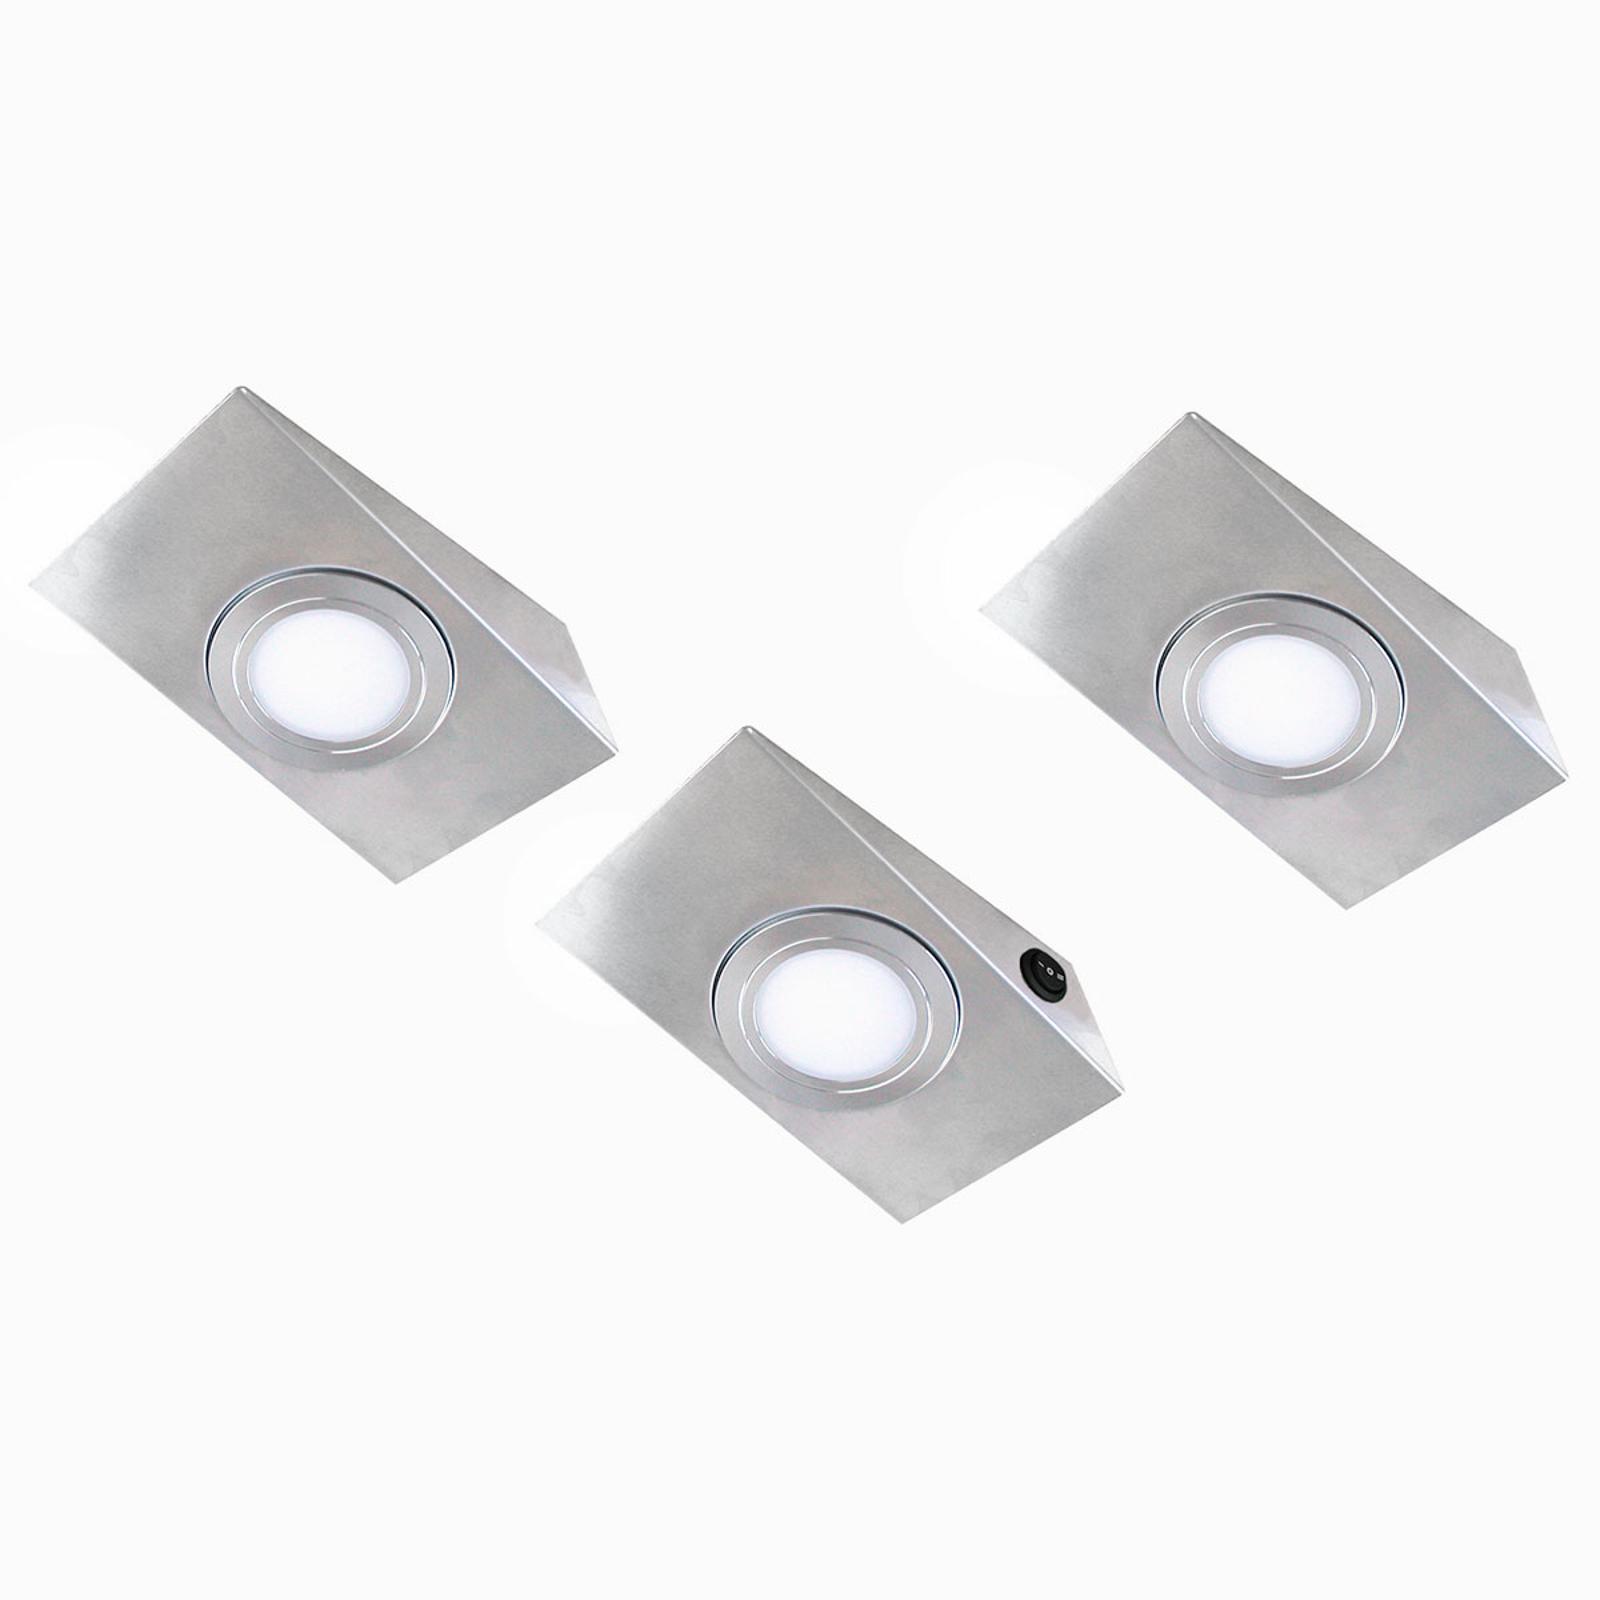 Keili LED-underskabslys, sæt m. 3, 2-trins kontakt